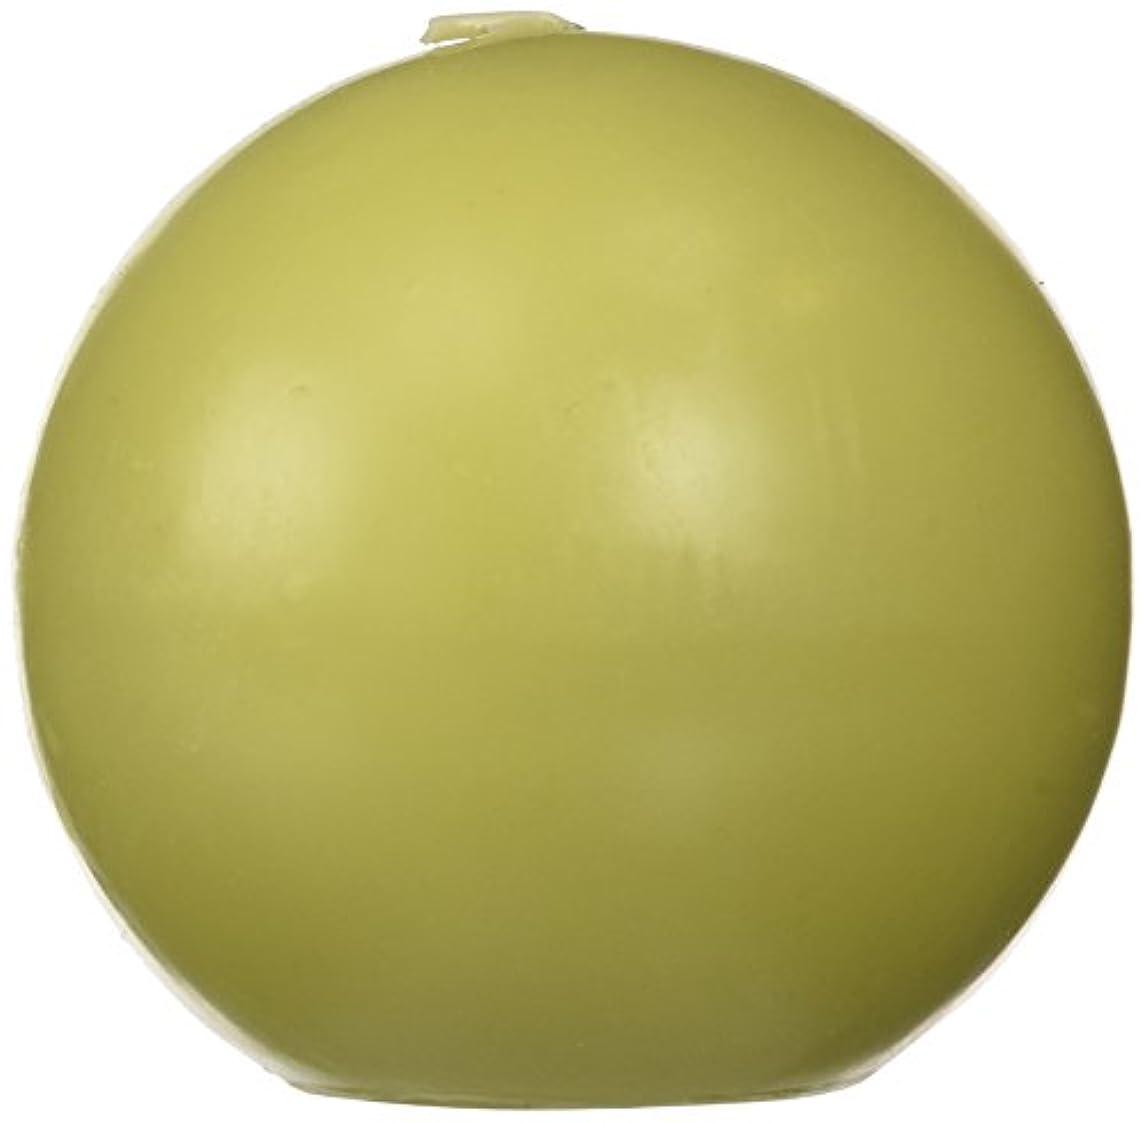 参照良さランドマークZest Candle CBZ-032 4 in. Sage Green Ball Candles -2pc-Box